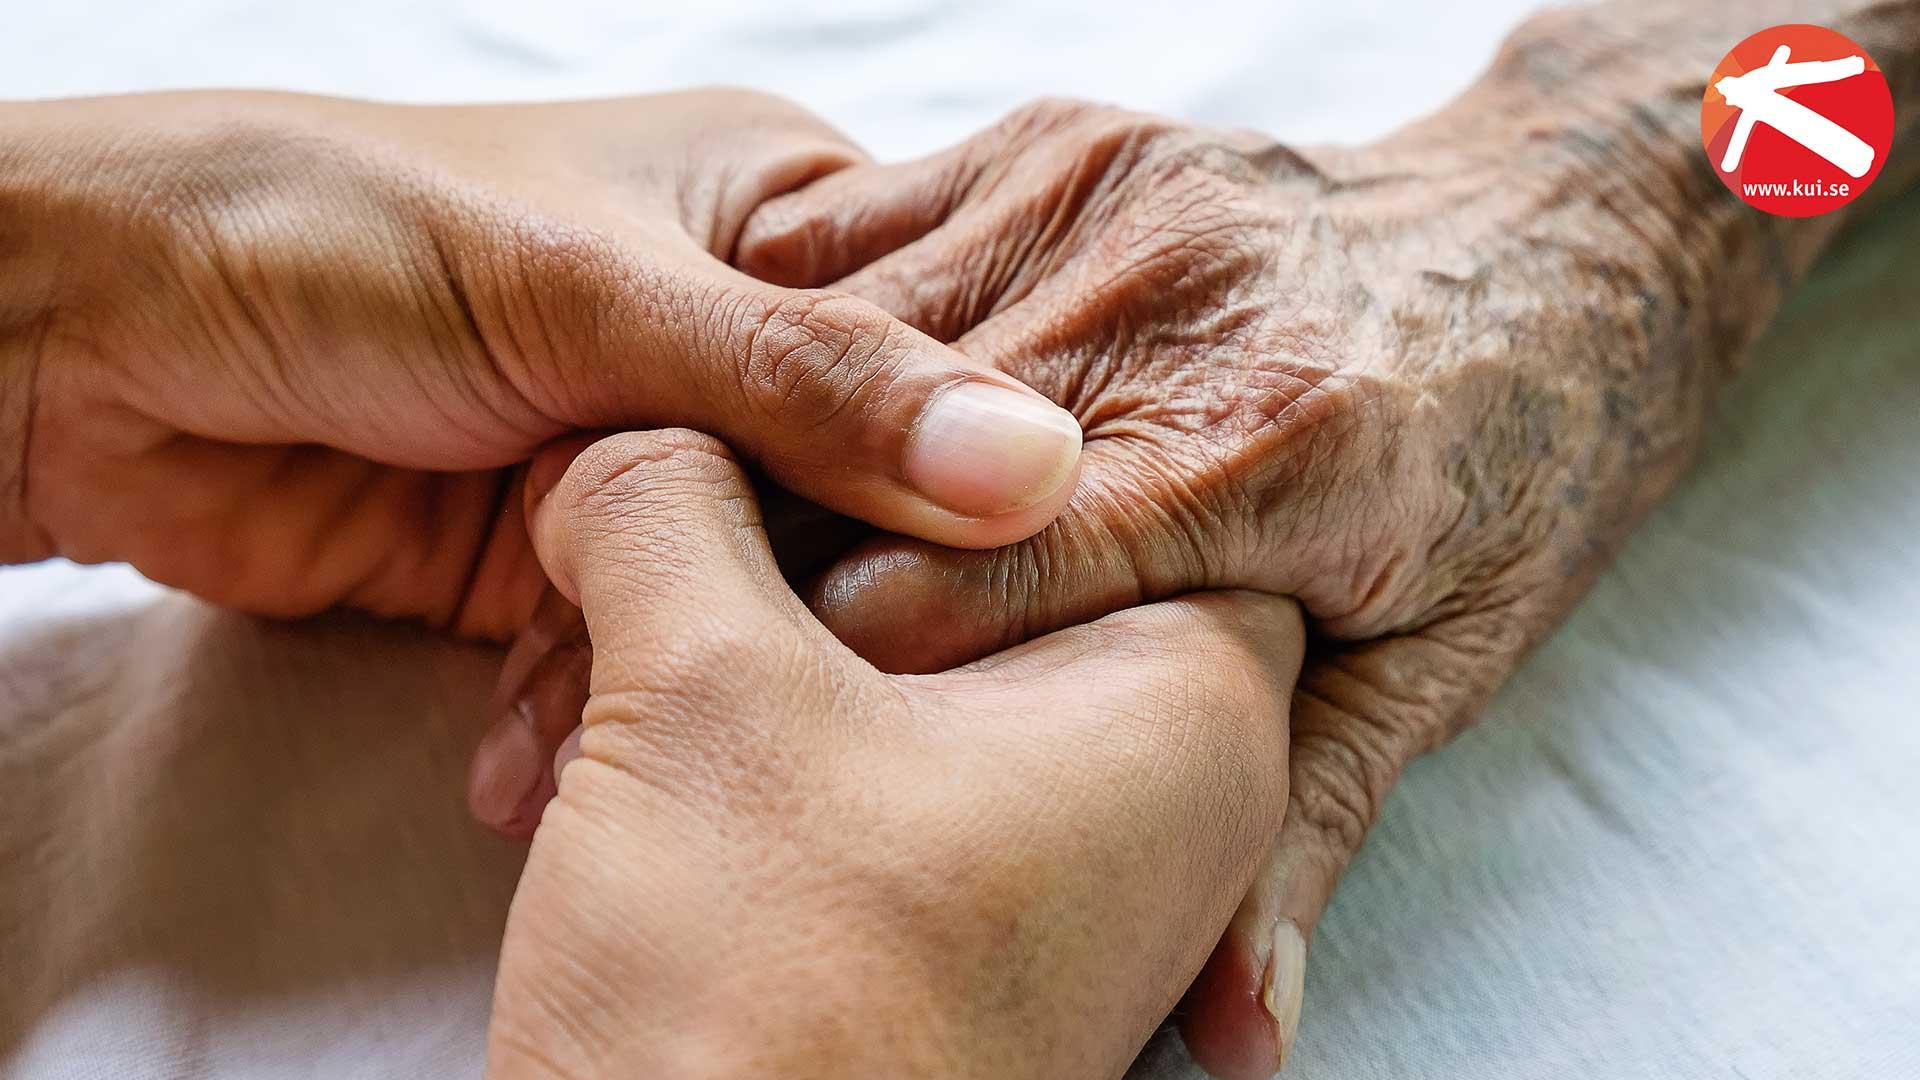 Kort Yh-utbildning för dig som arbetar som undersköterska eller motsvarande inom äldreomsorgen